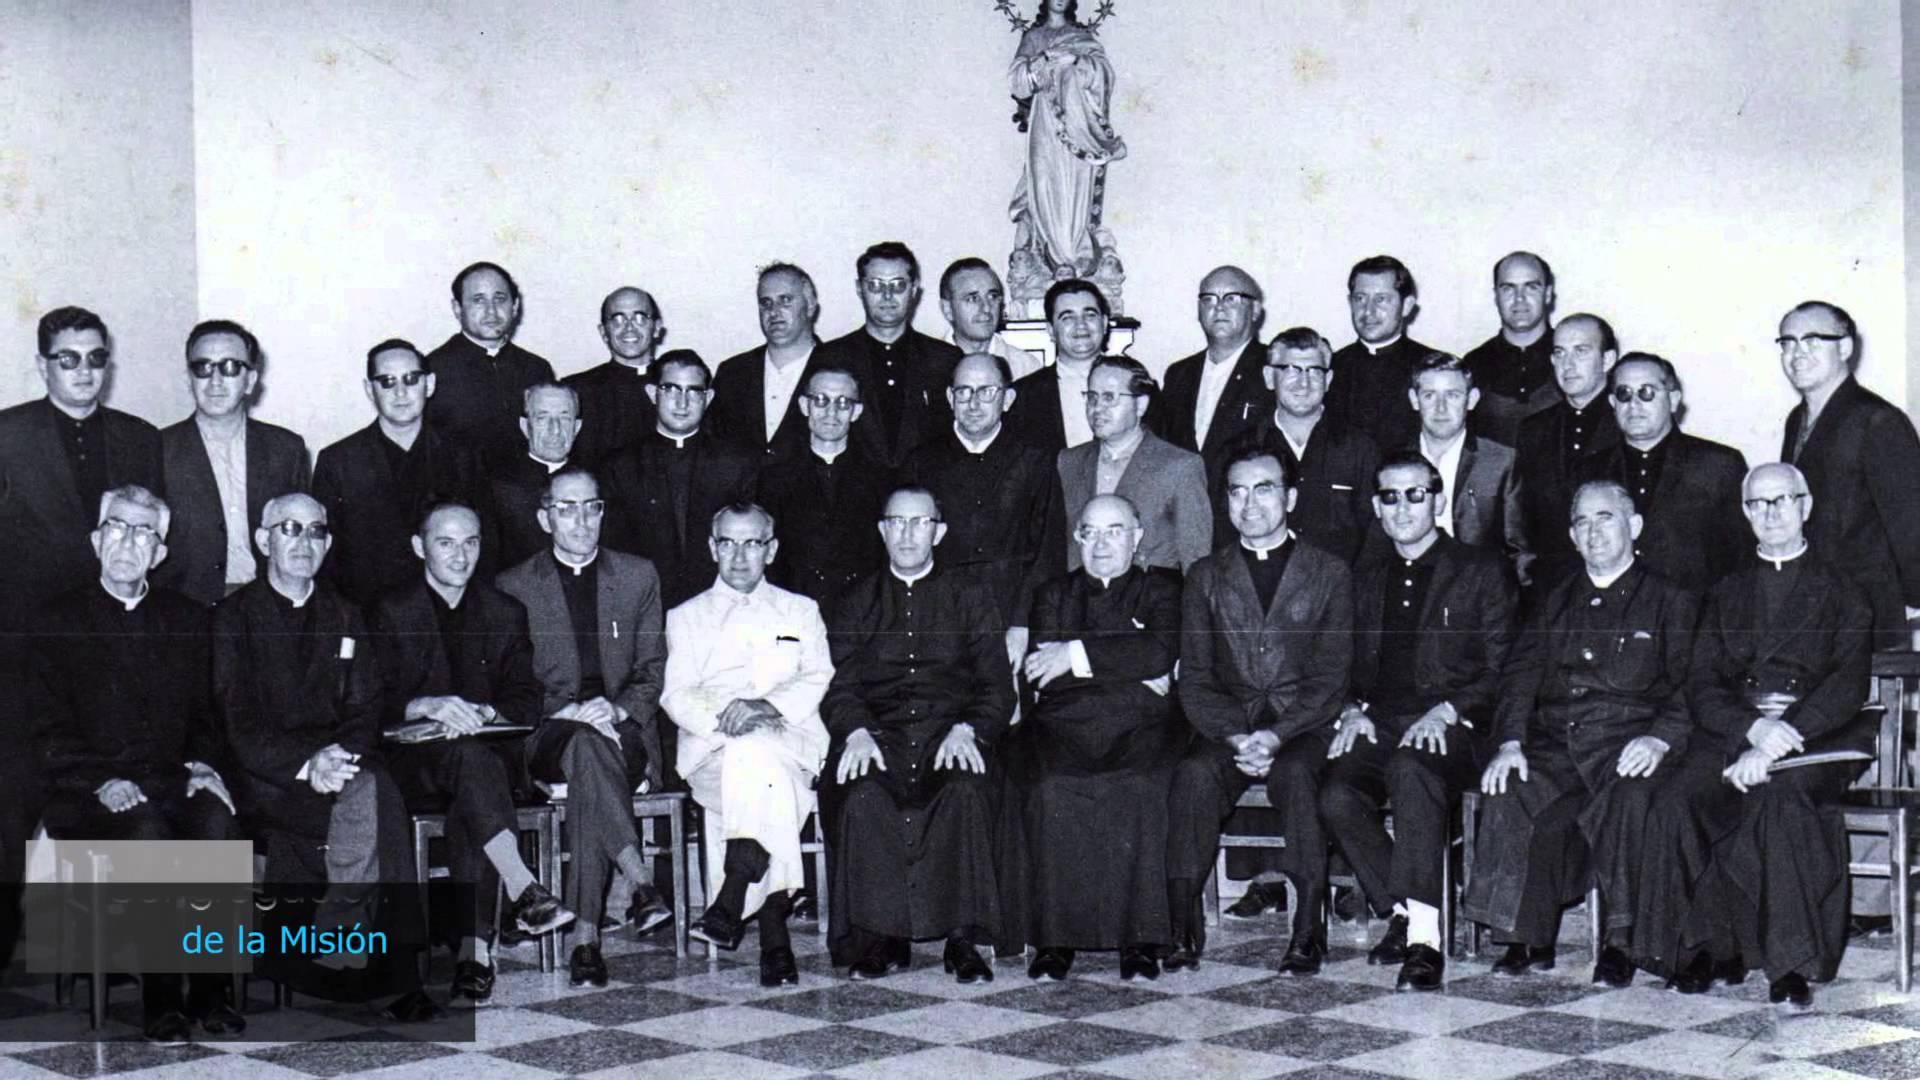 Historia congregacion de la mision